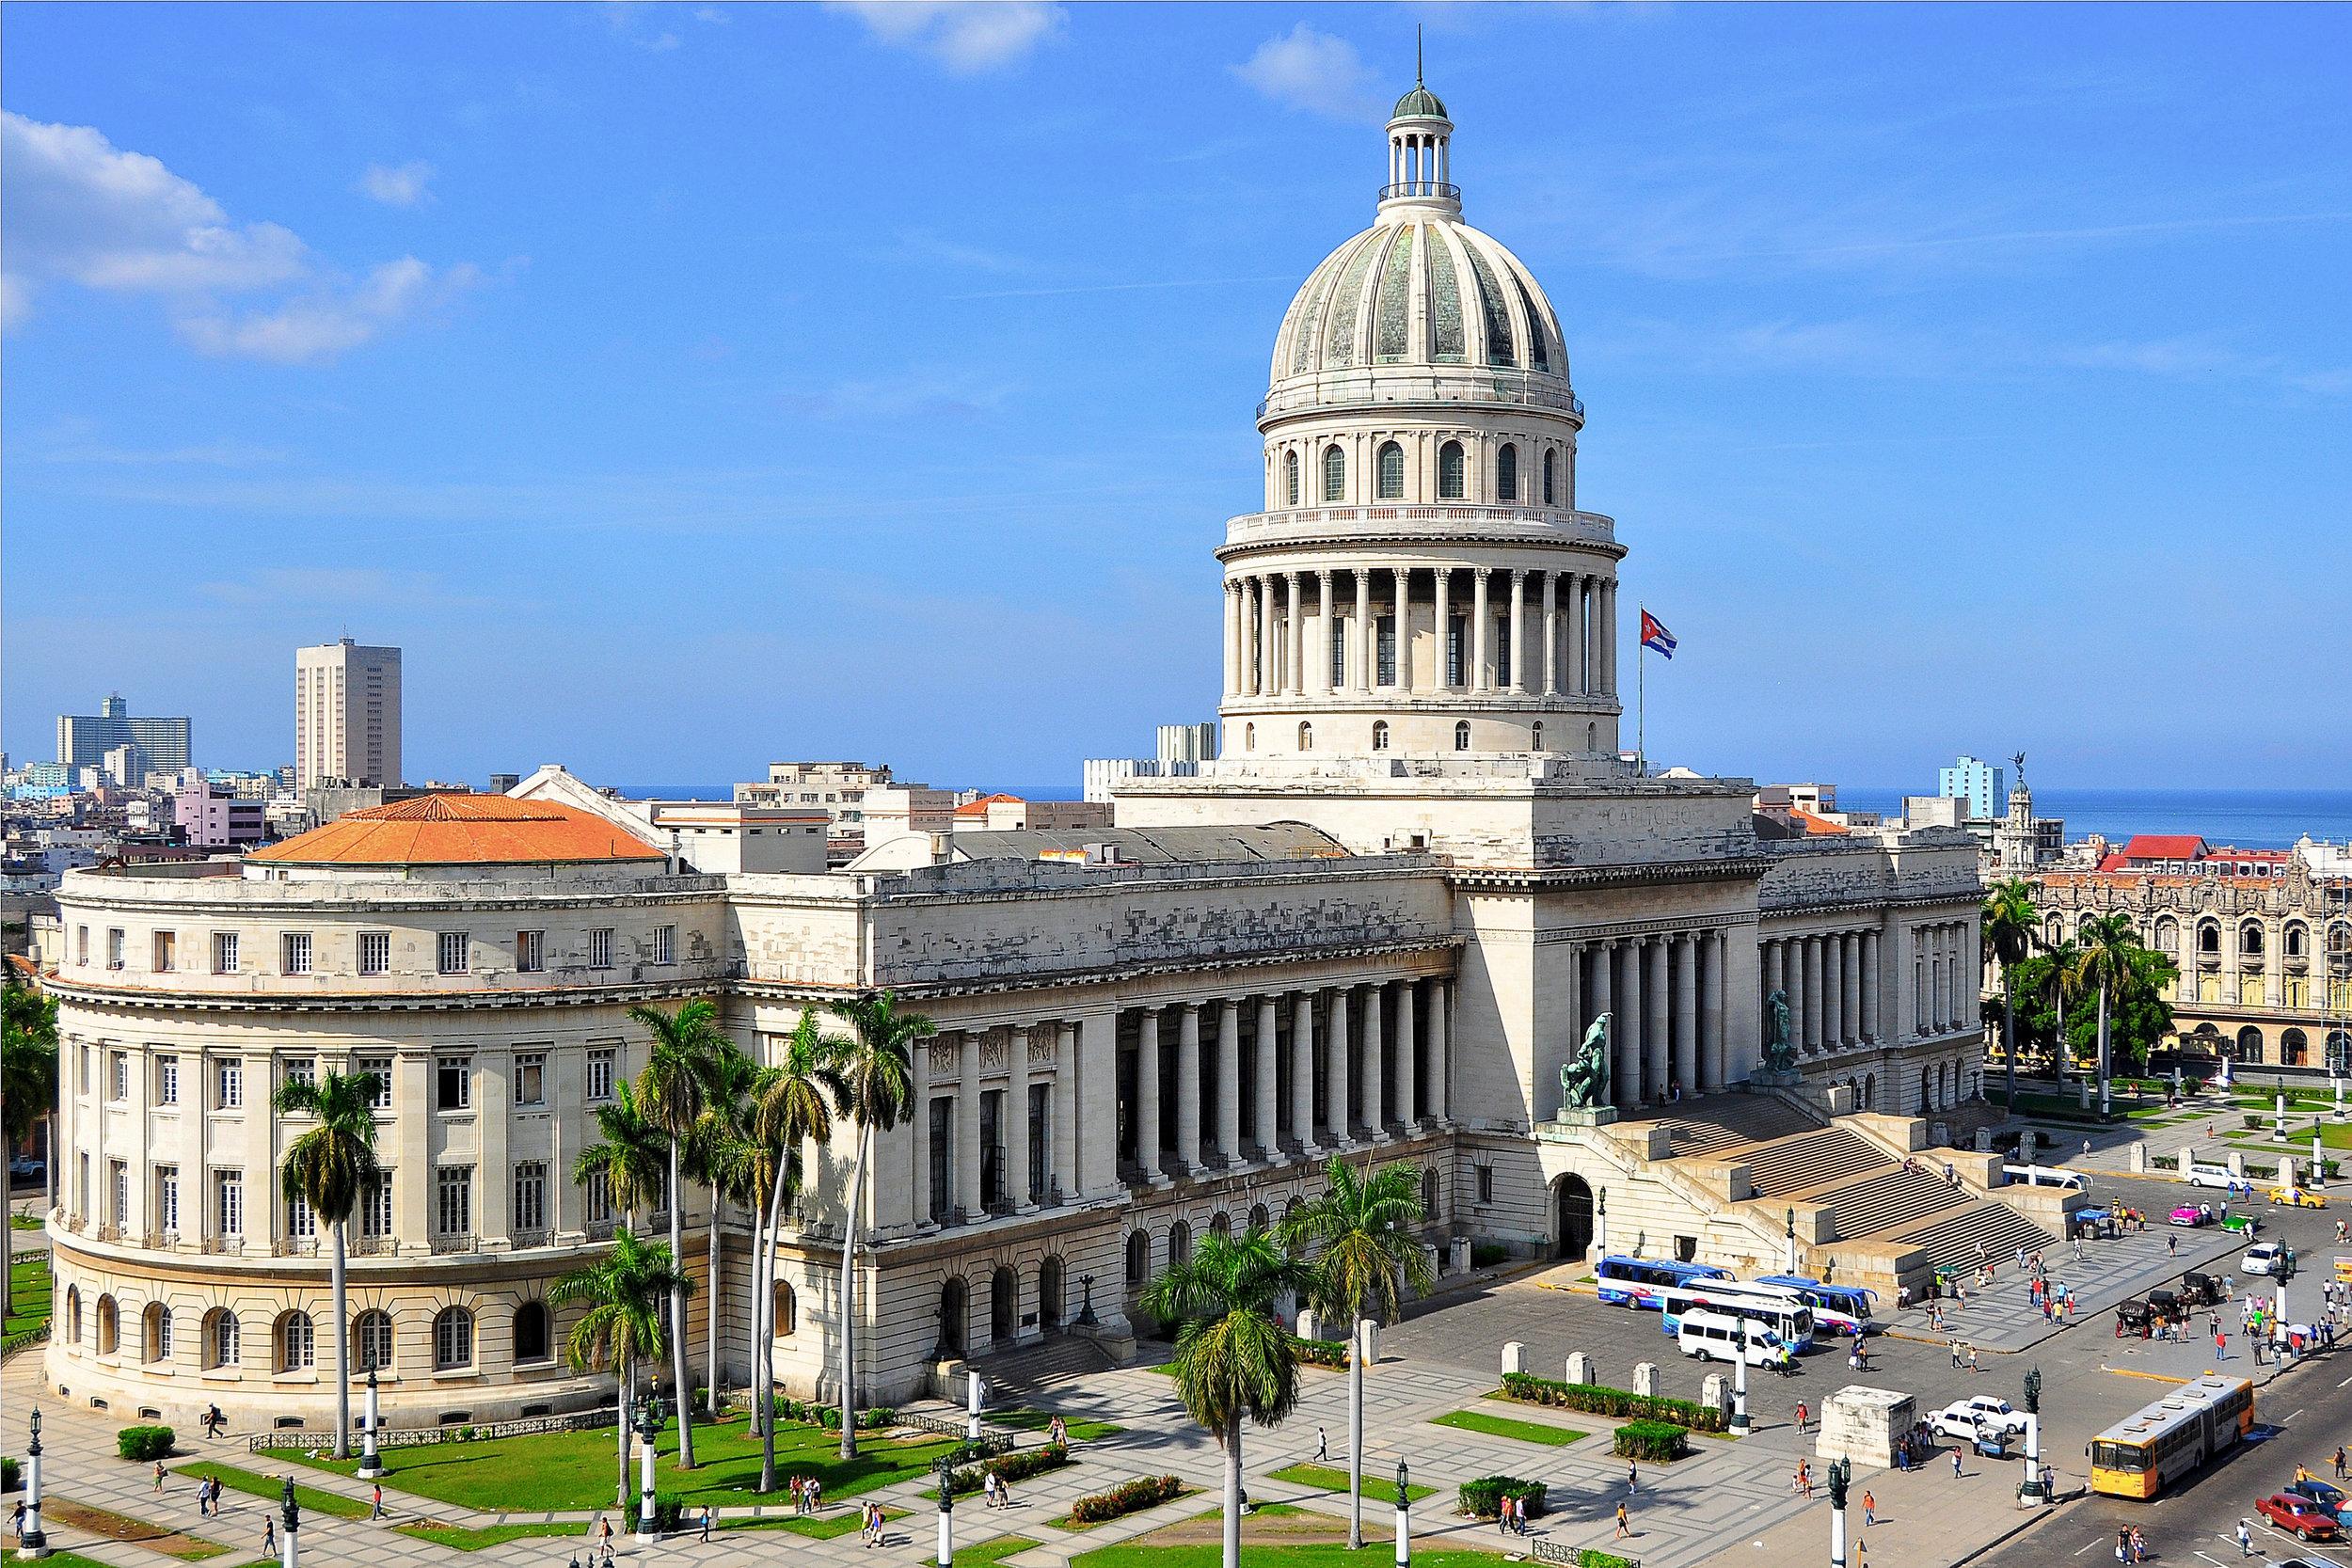 El_Capitolio_Havana_Cuba.jpg